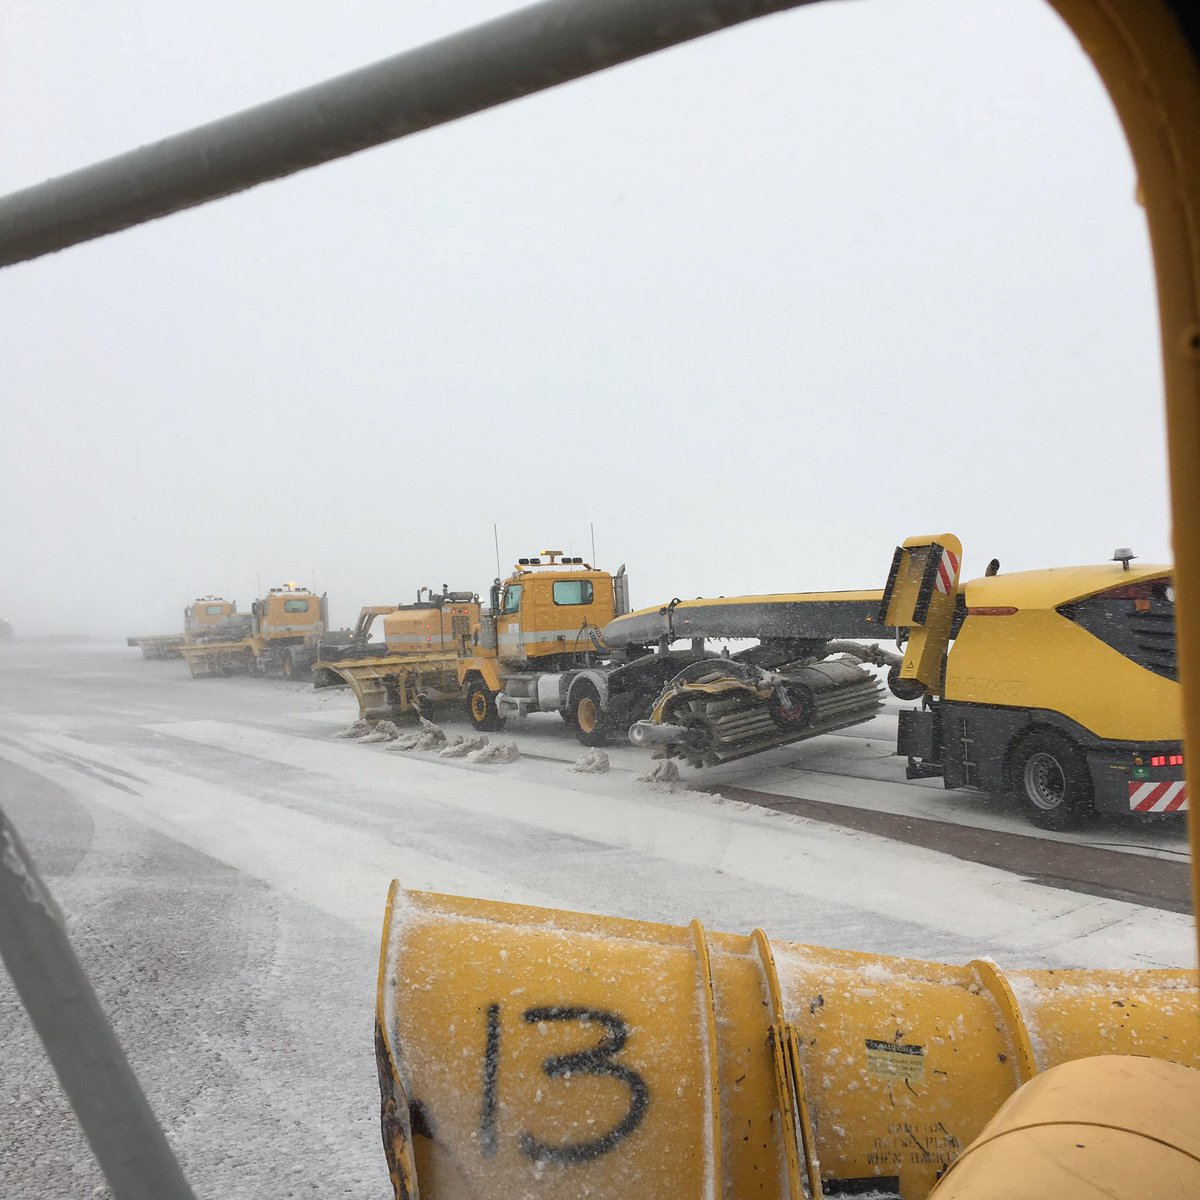 Maquinaria remueve la capa de nieve que dejó el 'ciclón bomba' sobre las pistas del aeropuerto de Colorado Spring.